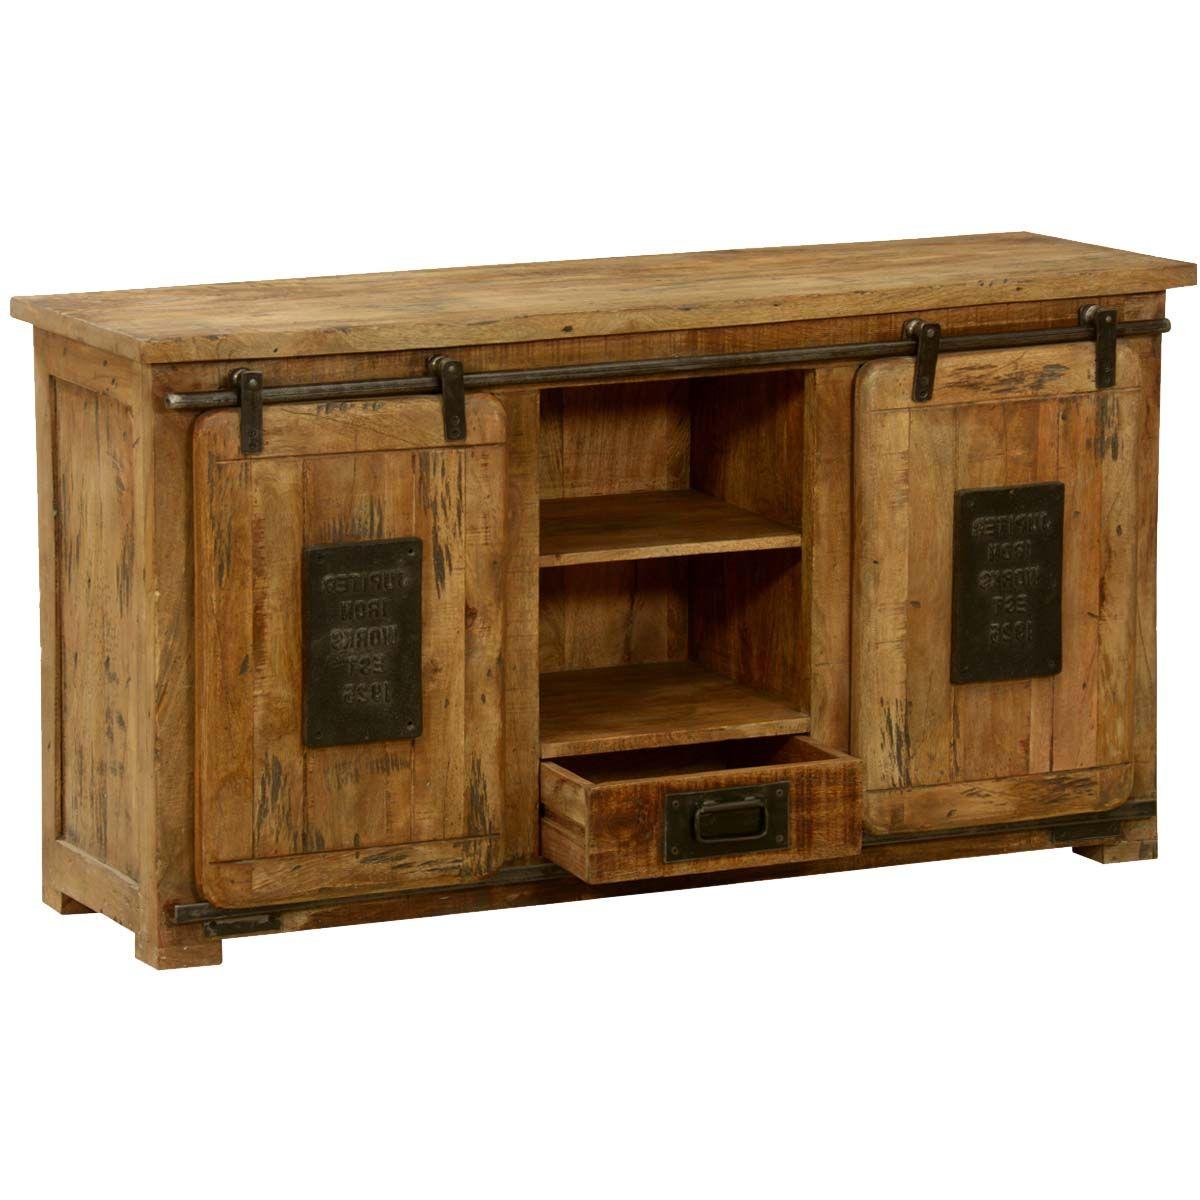 Jupiter Ironworks Mango Wood Iron Sliding Doors Media Cabinet